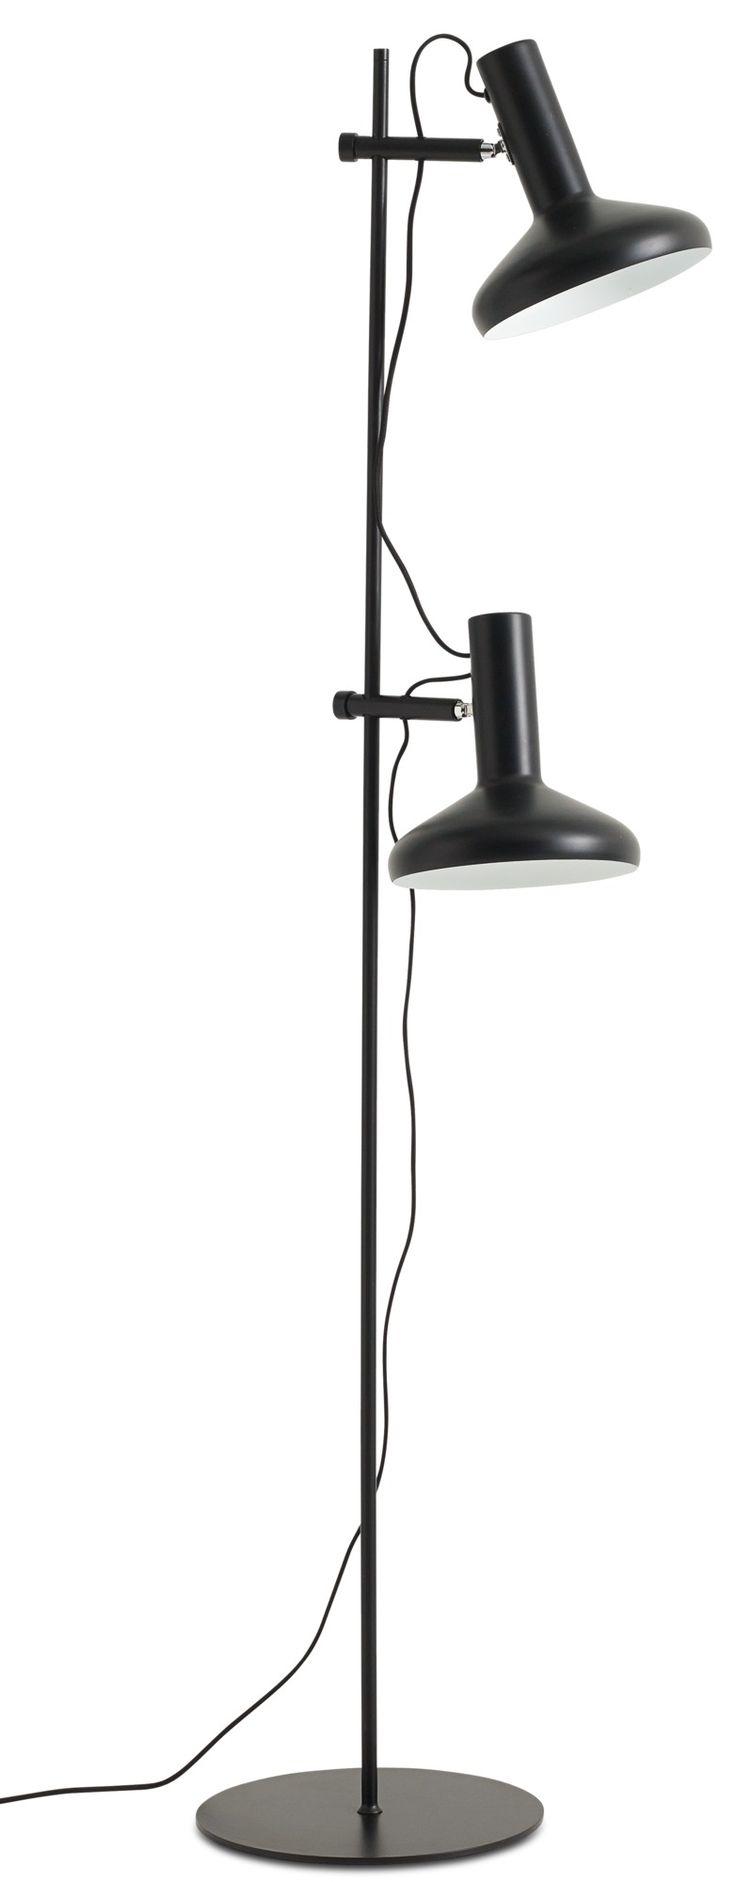 moderne desiger stehlampen online kaufen boconcept moderne sofasmodern - Modern Sofa Kaufen